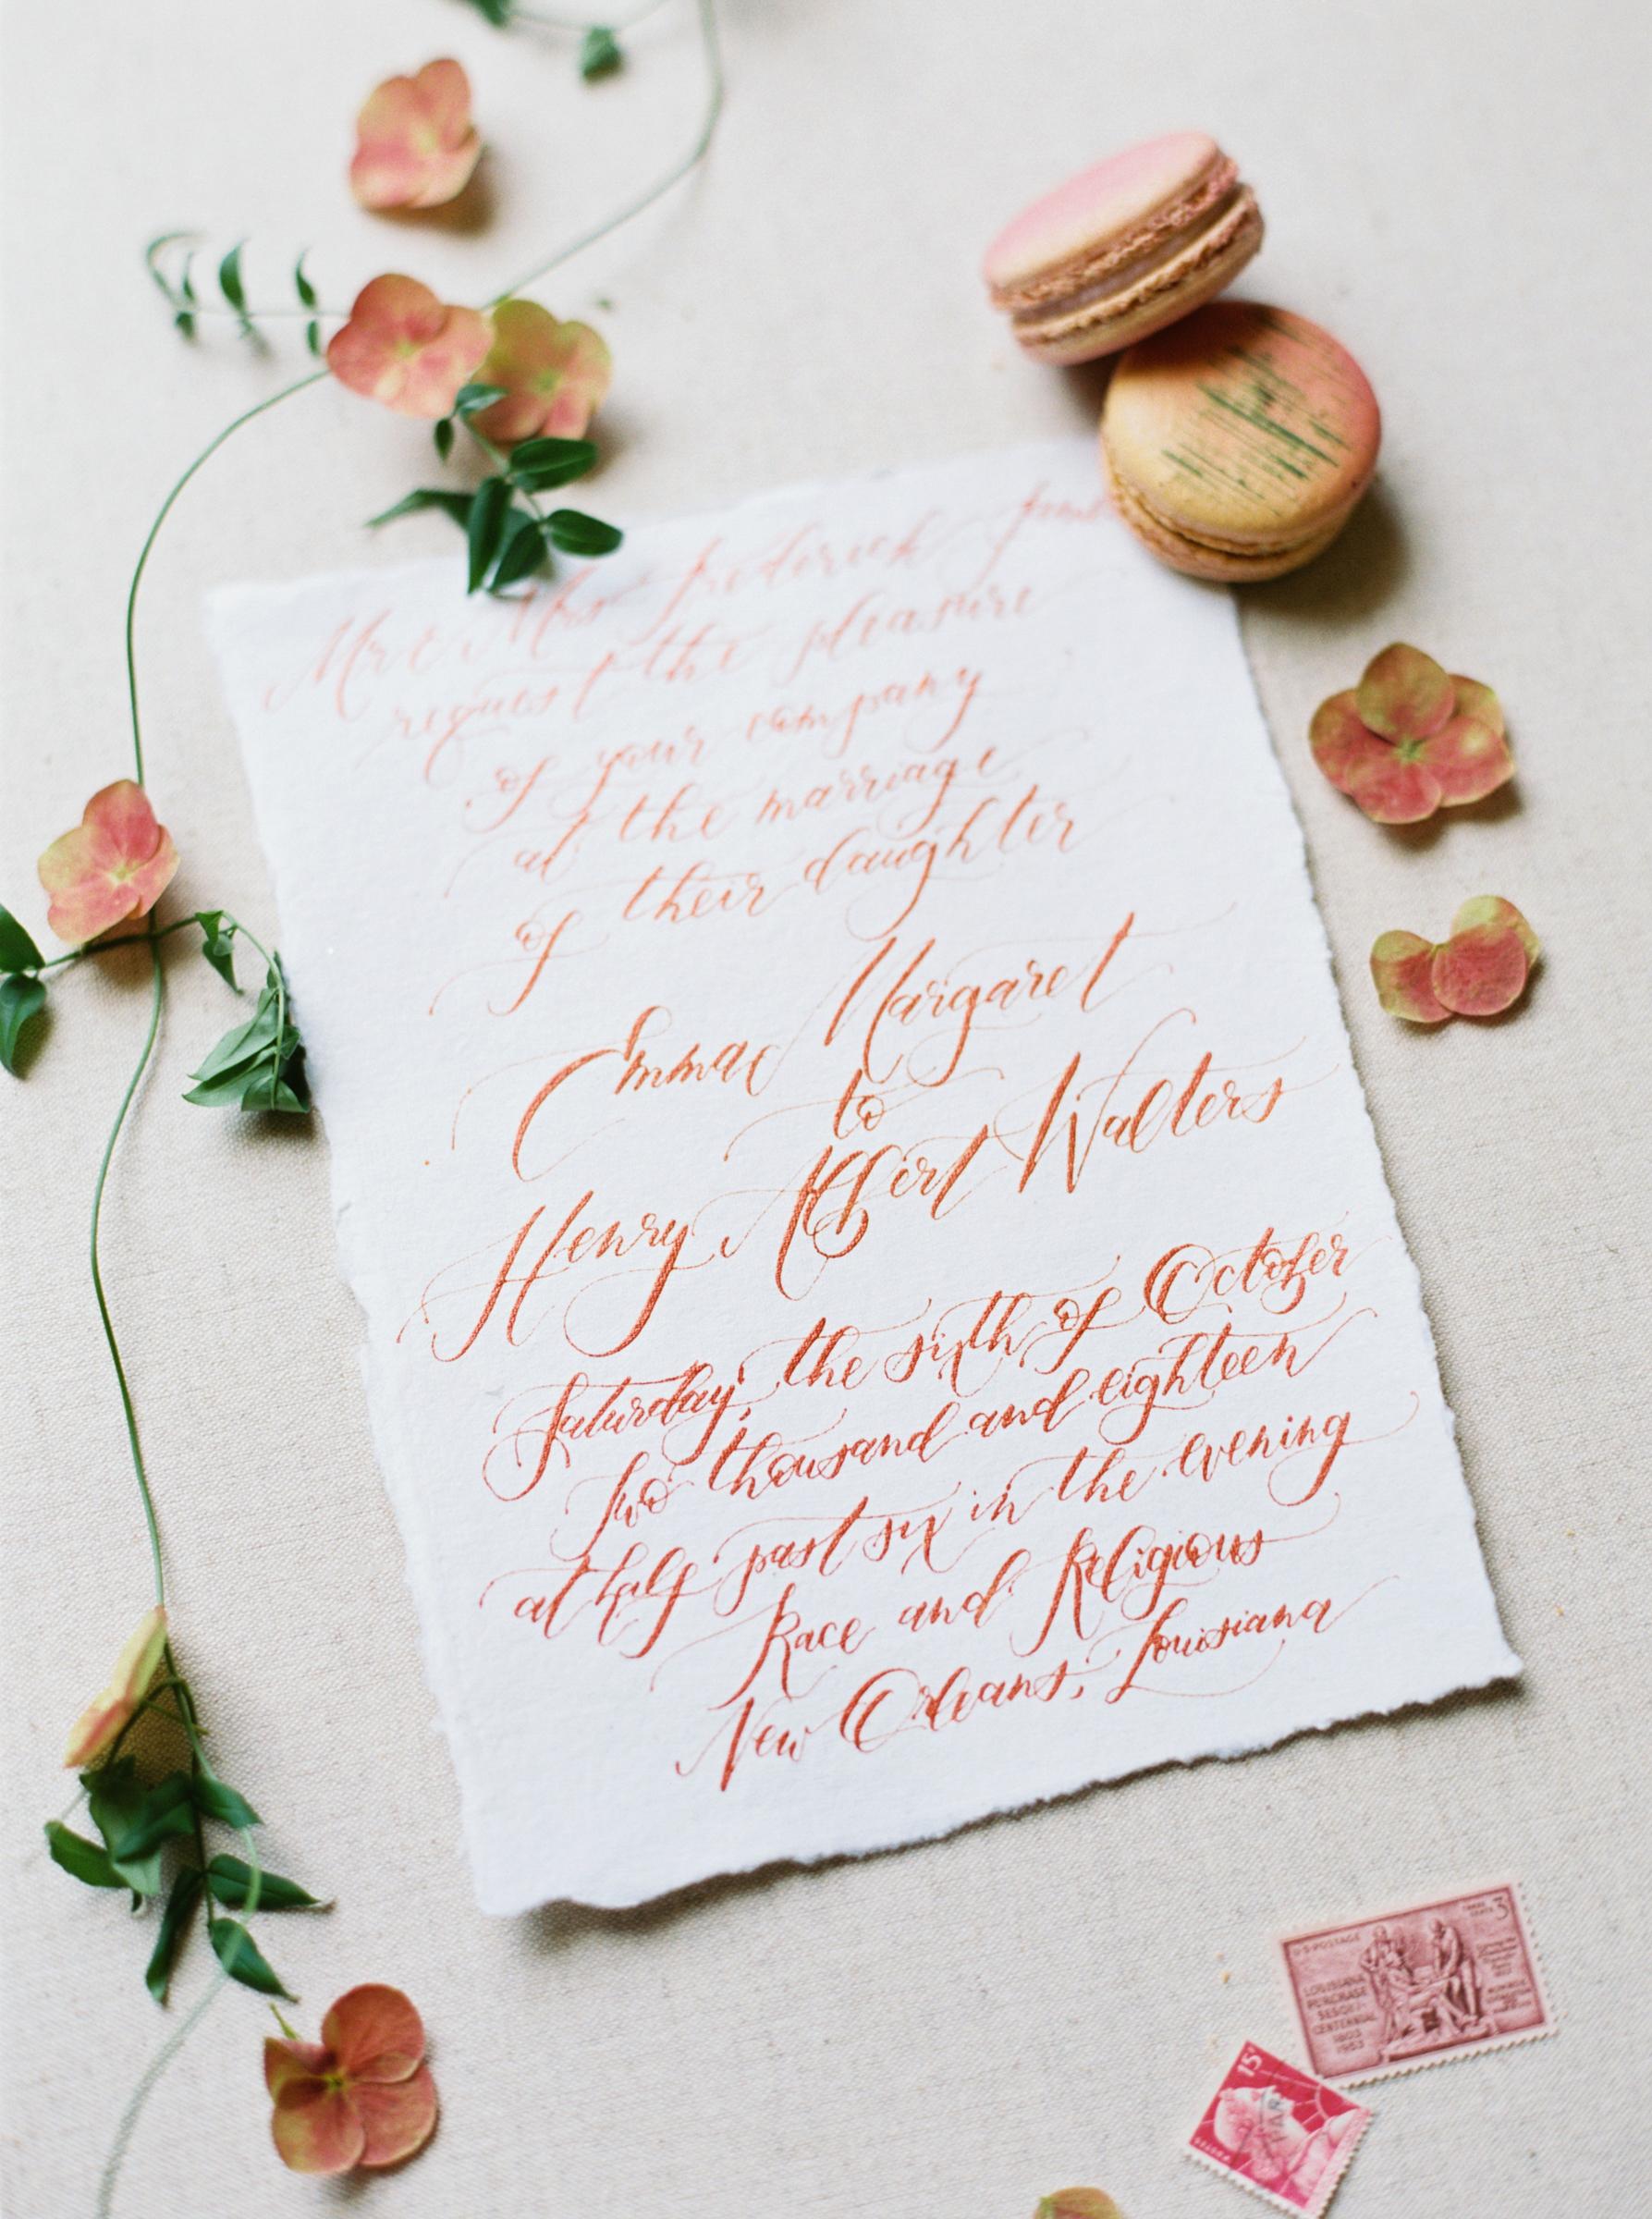 Race-and-religious-wedding-inspiration-shannon-skloss-54.jpg